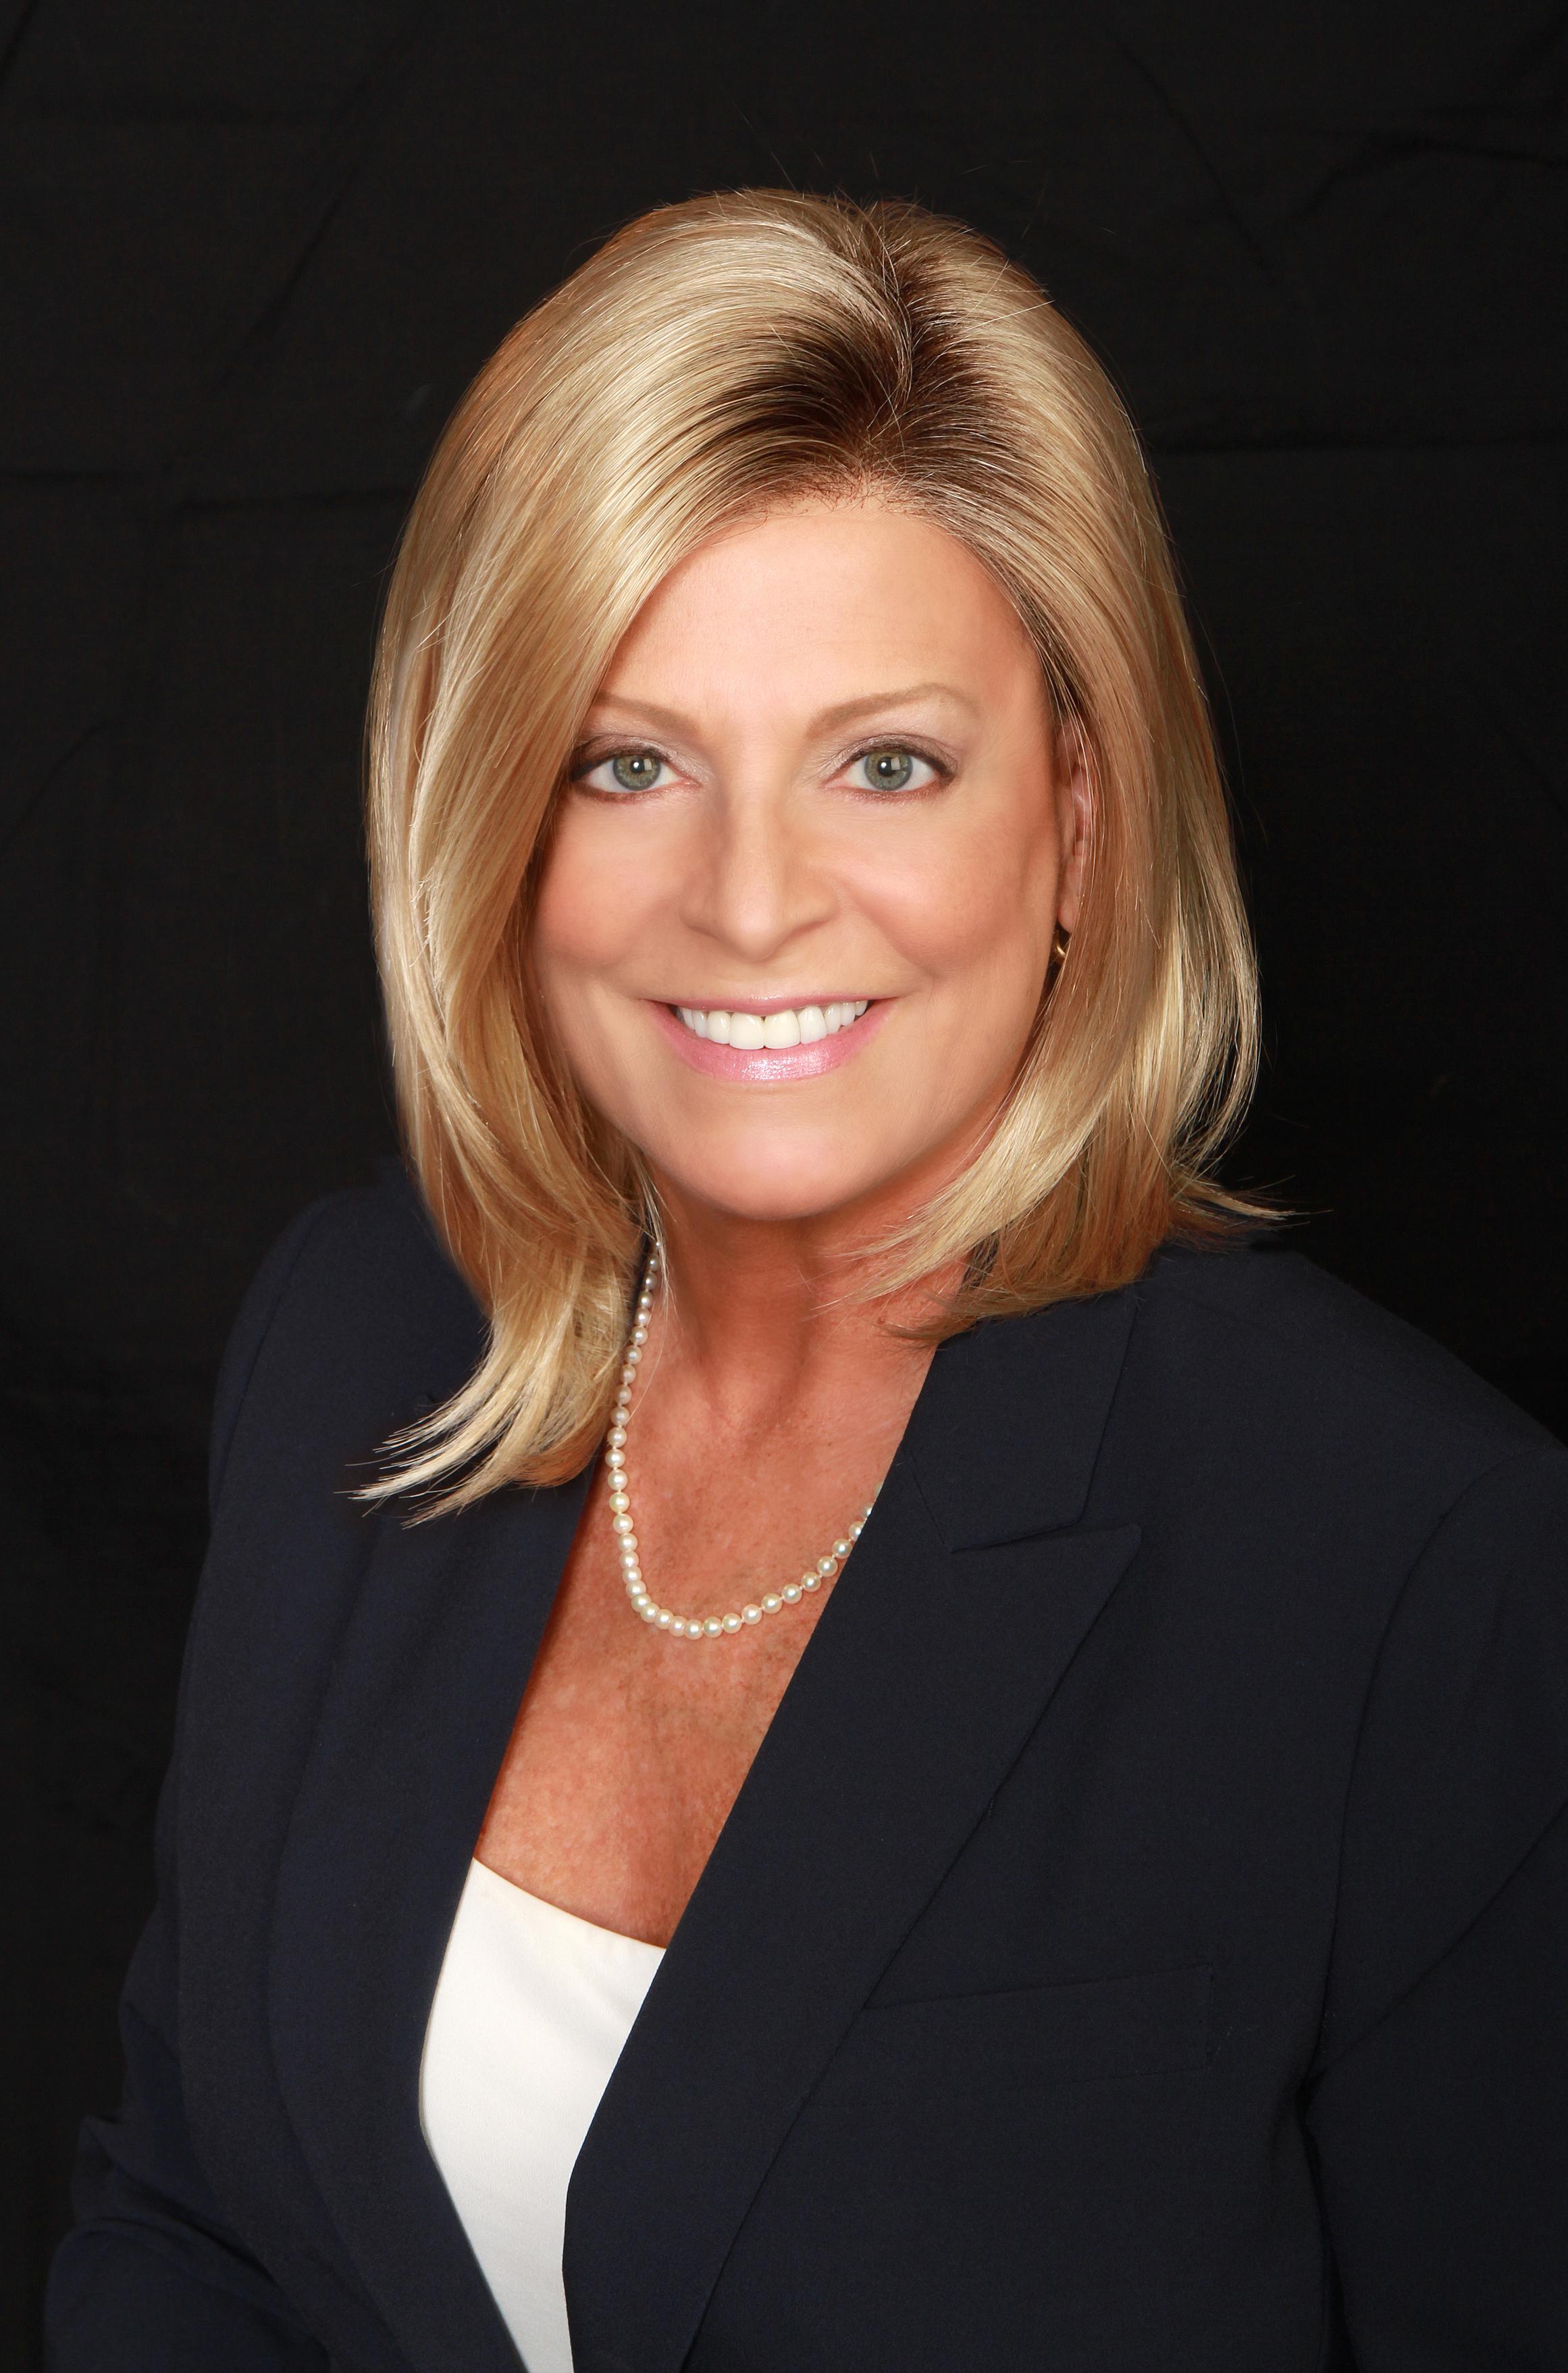 Deb Borgeson